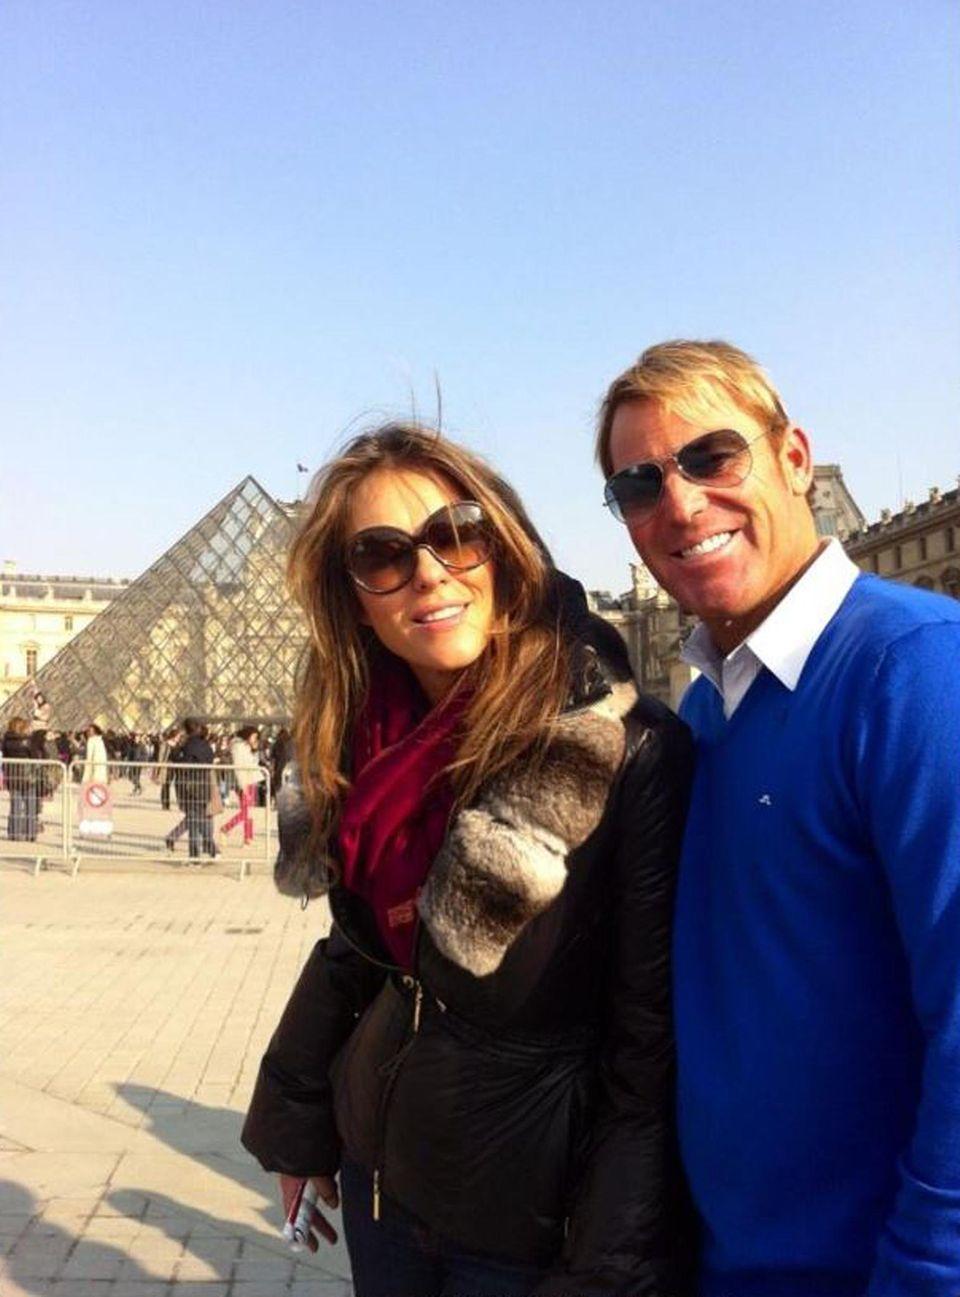 Liz Hurley ist mit ihrem Verlobten Shane Warne im Osterurlaub in Paris. Die Sehenswürdigkeiten, wie den Louvre, teilt sie auch mit den Fans.